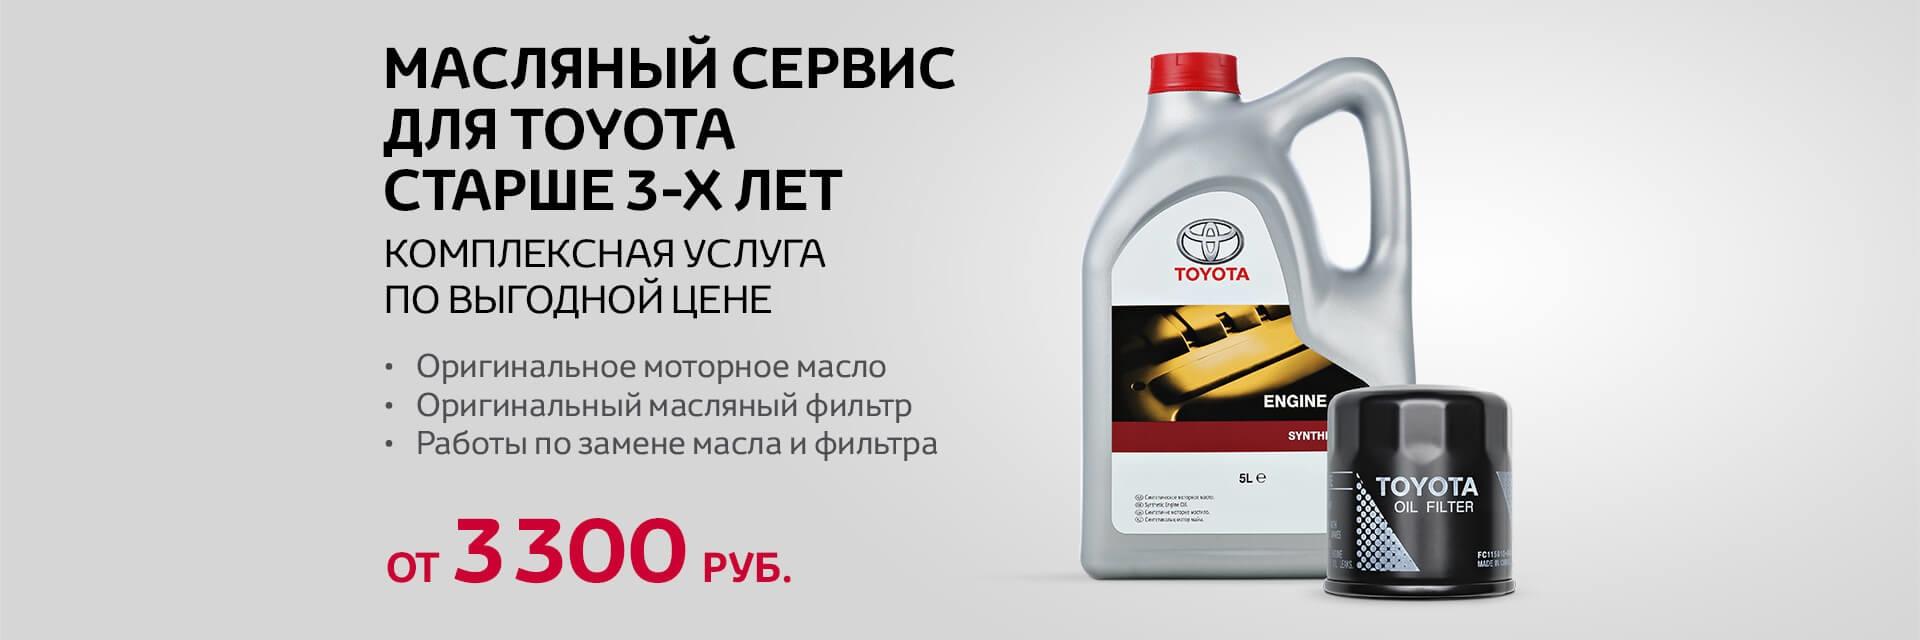 Масляный сервис - Астрахань